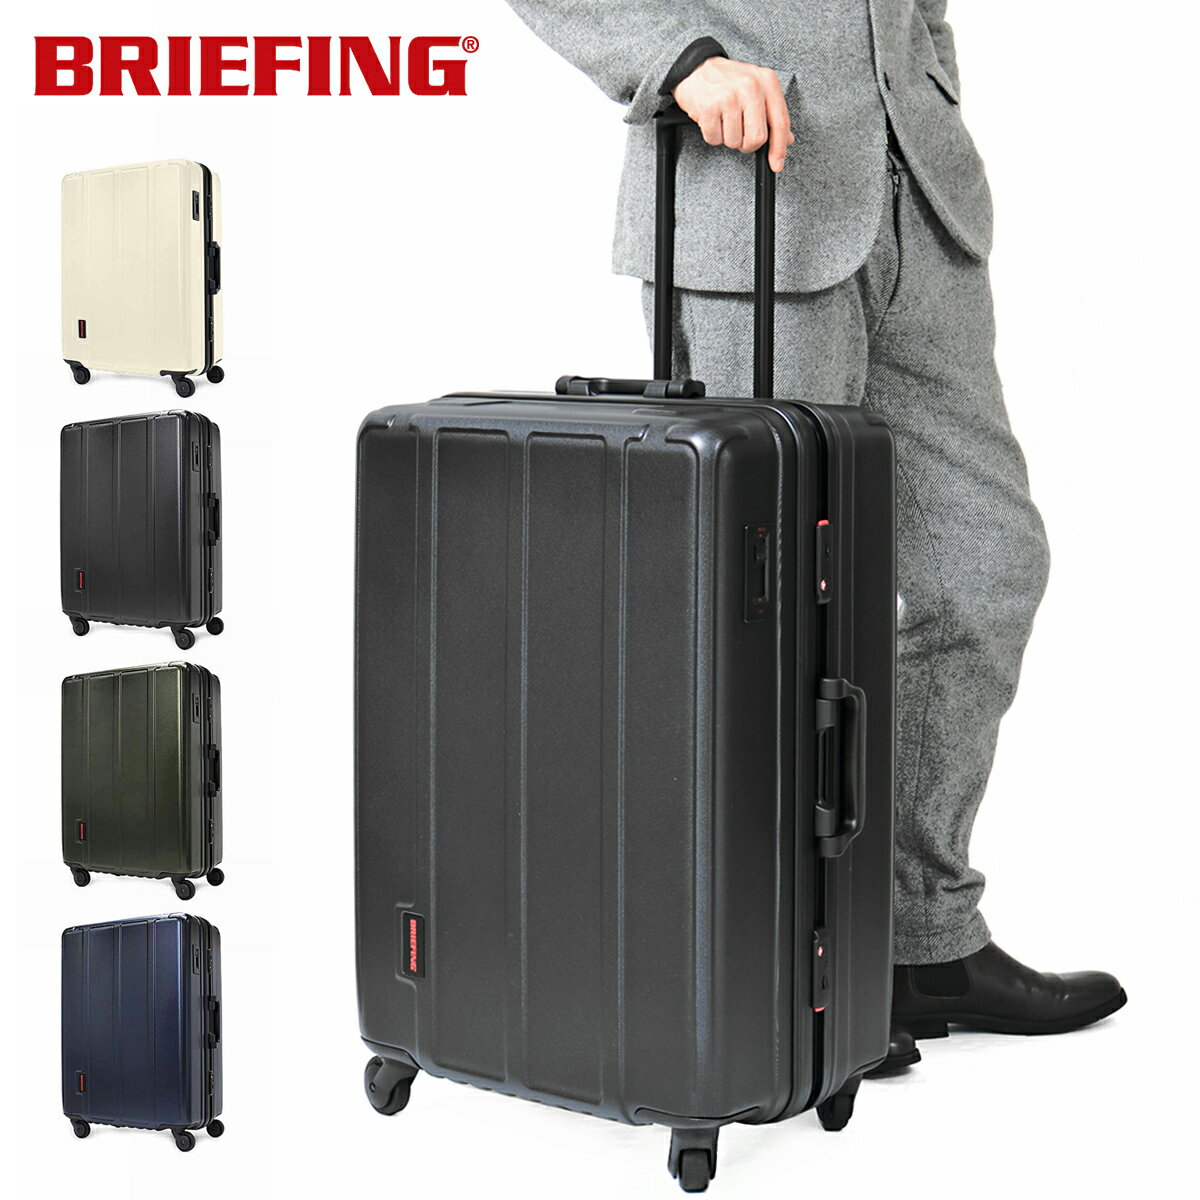 ブリーフィング BRIEFING スーツケース BRF305219 69cm H-100 【 フレームタイプ キャリーケース ハードキャリー TSA ロック搭載 】【即日発送】